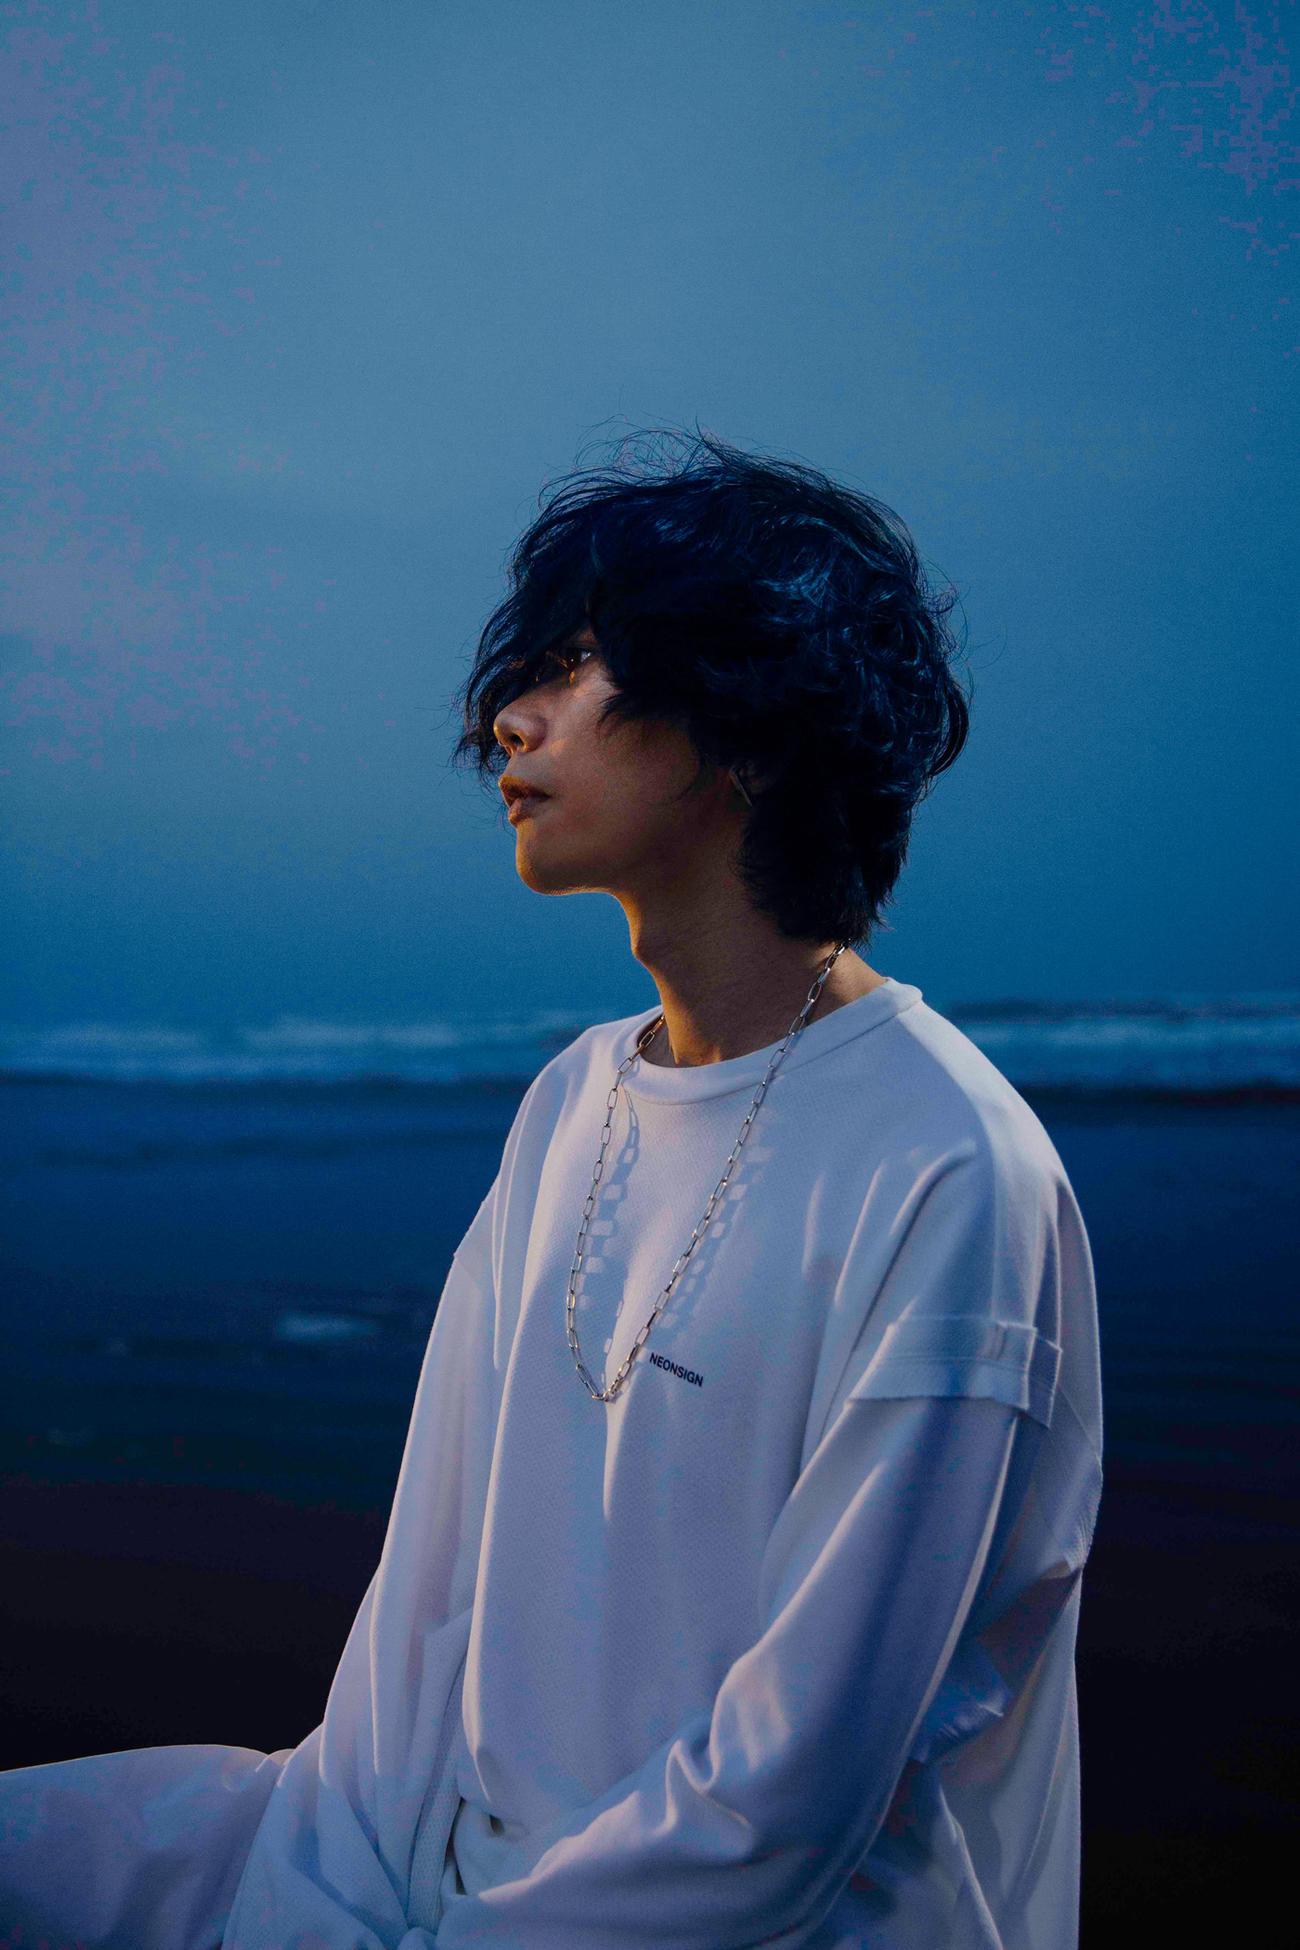 2年半ぶりとなるアルバム「STRAY SHEEP」を発売する米津玄師